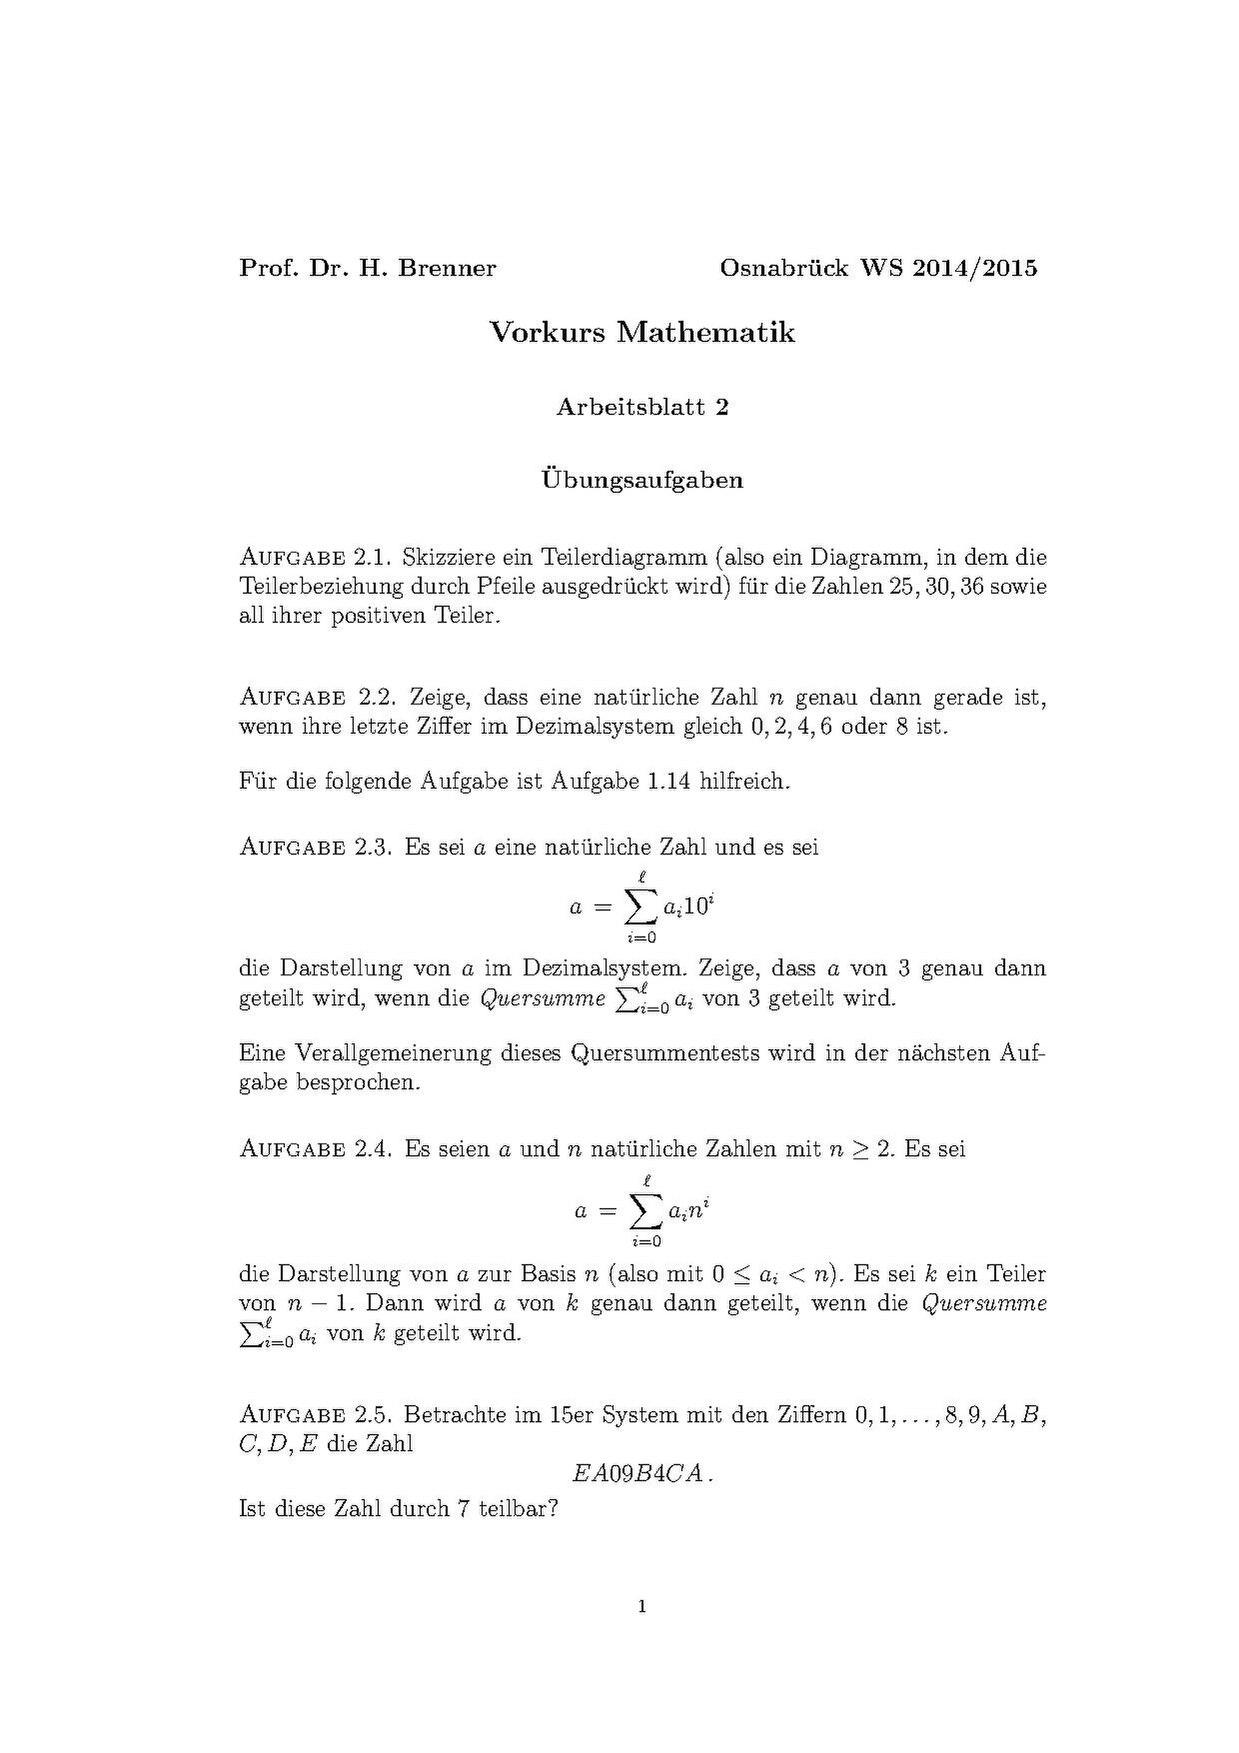 Datei:Vorkurs Mathematik (Osnabrück 2014)Arbeitsblatt2.pdf – Wikiversity